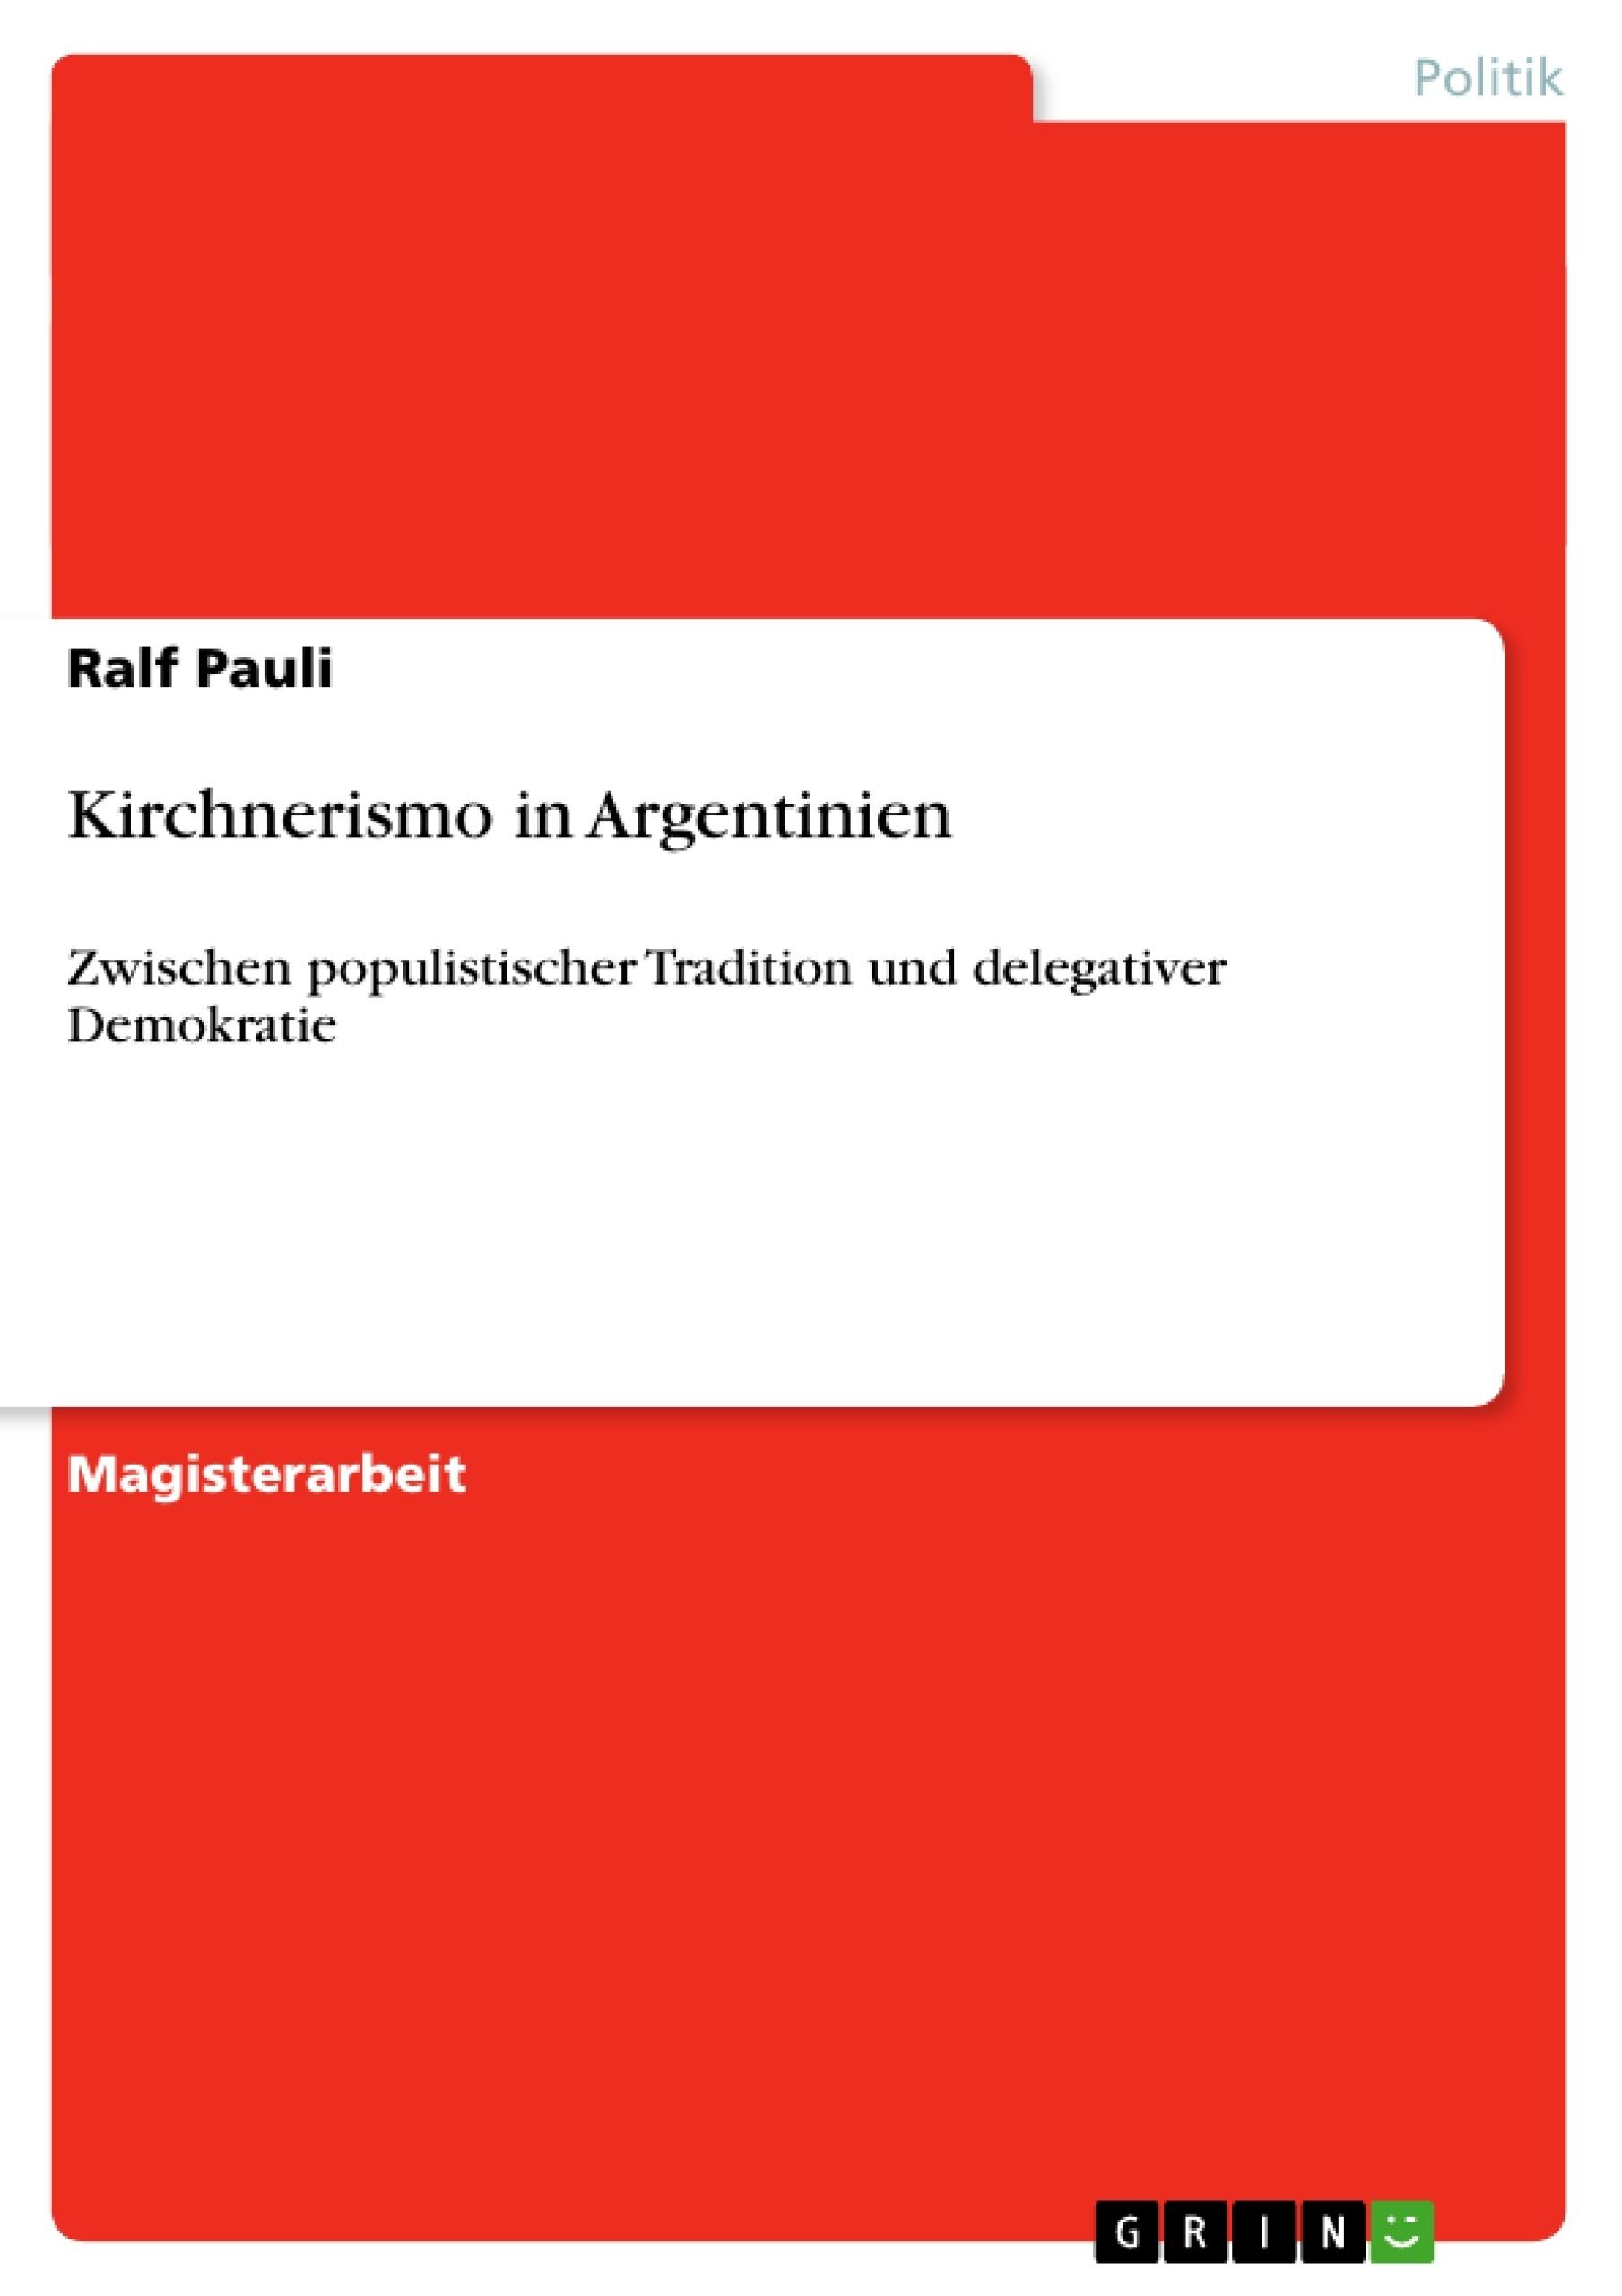 Titel: Kirchnerismo in Argentinien